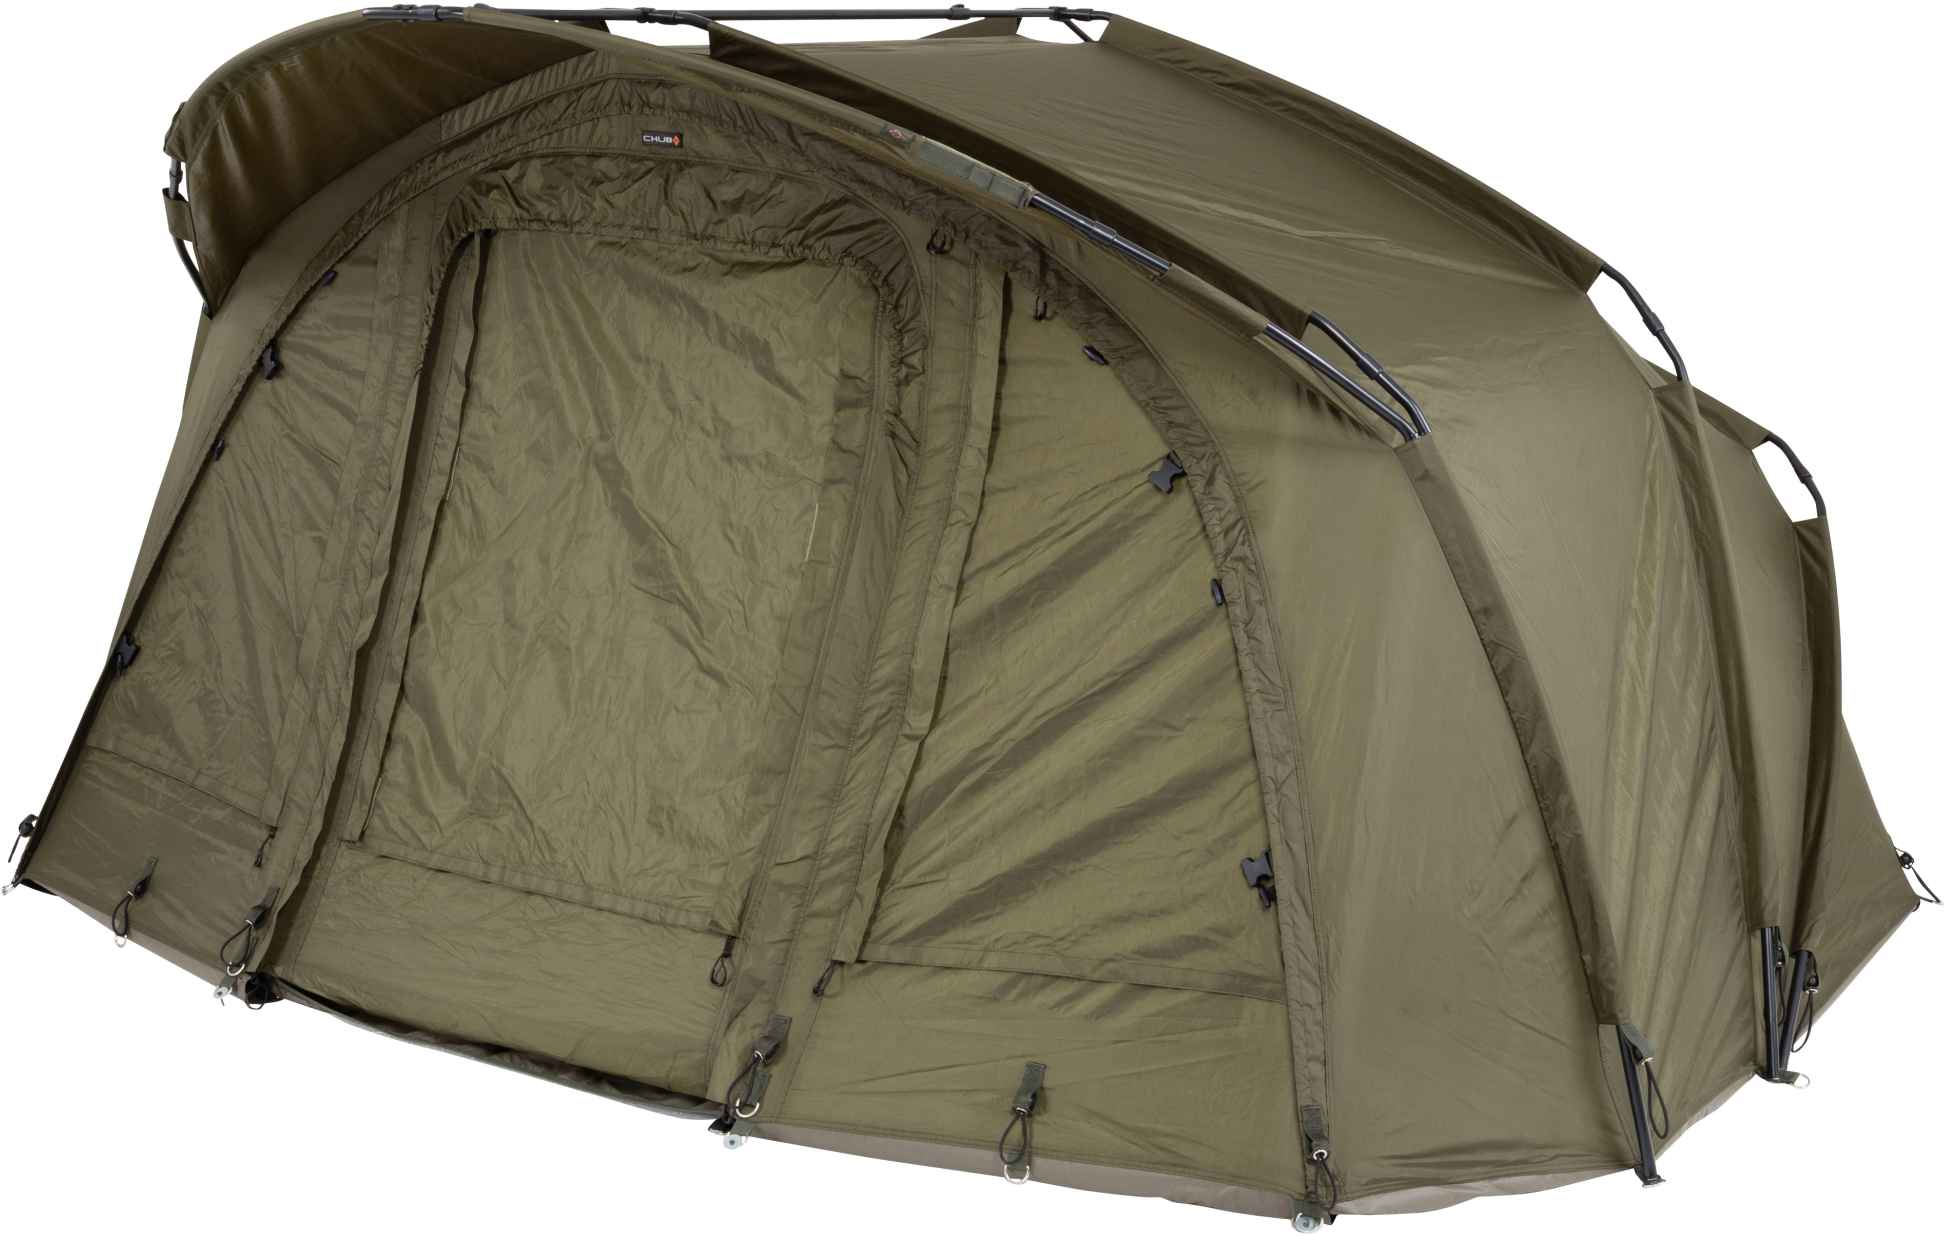 Sonstiges Angelsport-Zubehör Angelsport-Artikel NEW Chub Cyfish Dome 1Man 1404663